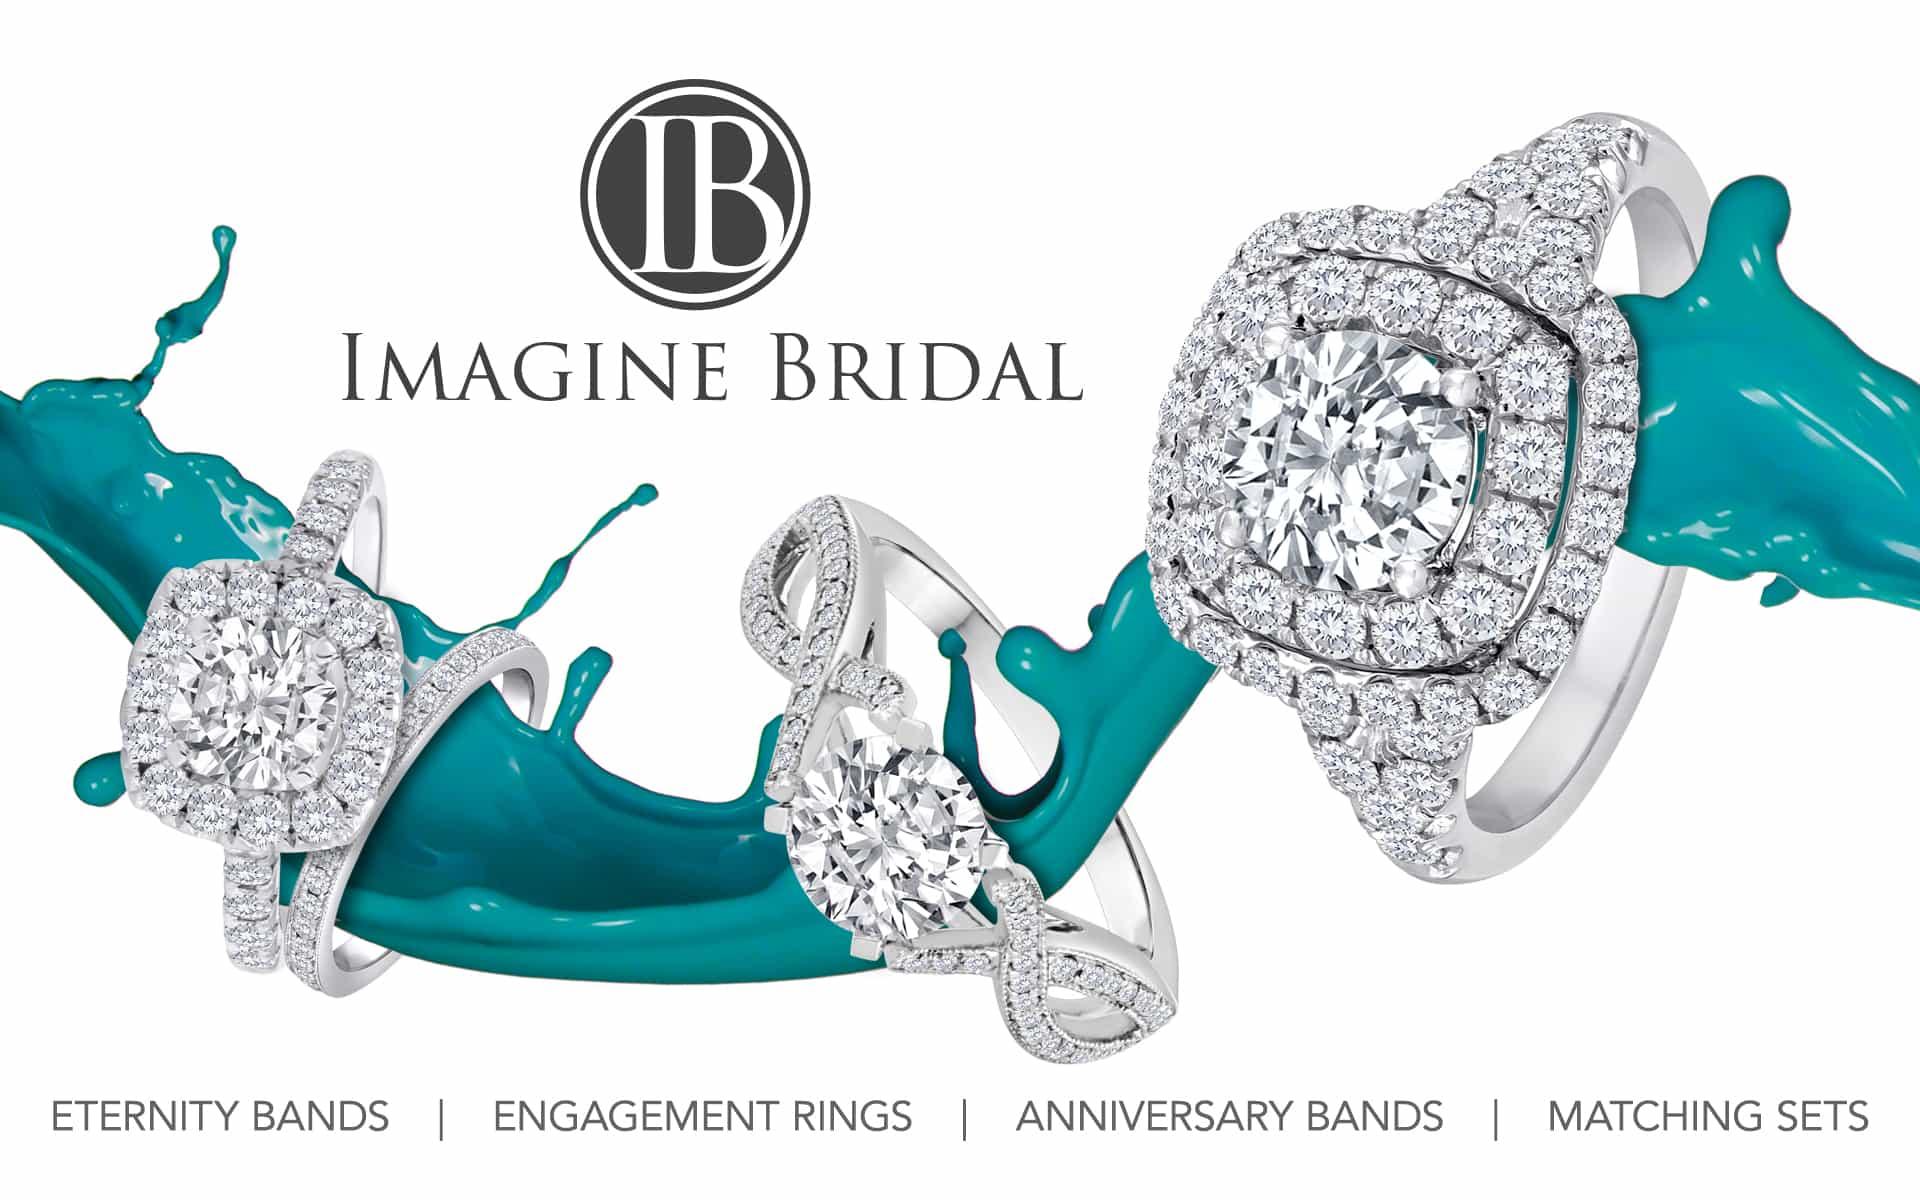 Imagine Bridal Rings